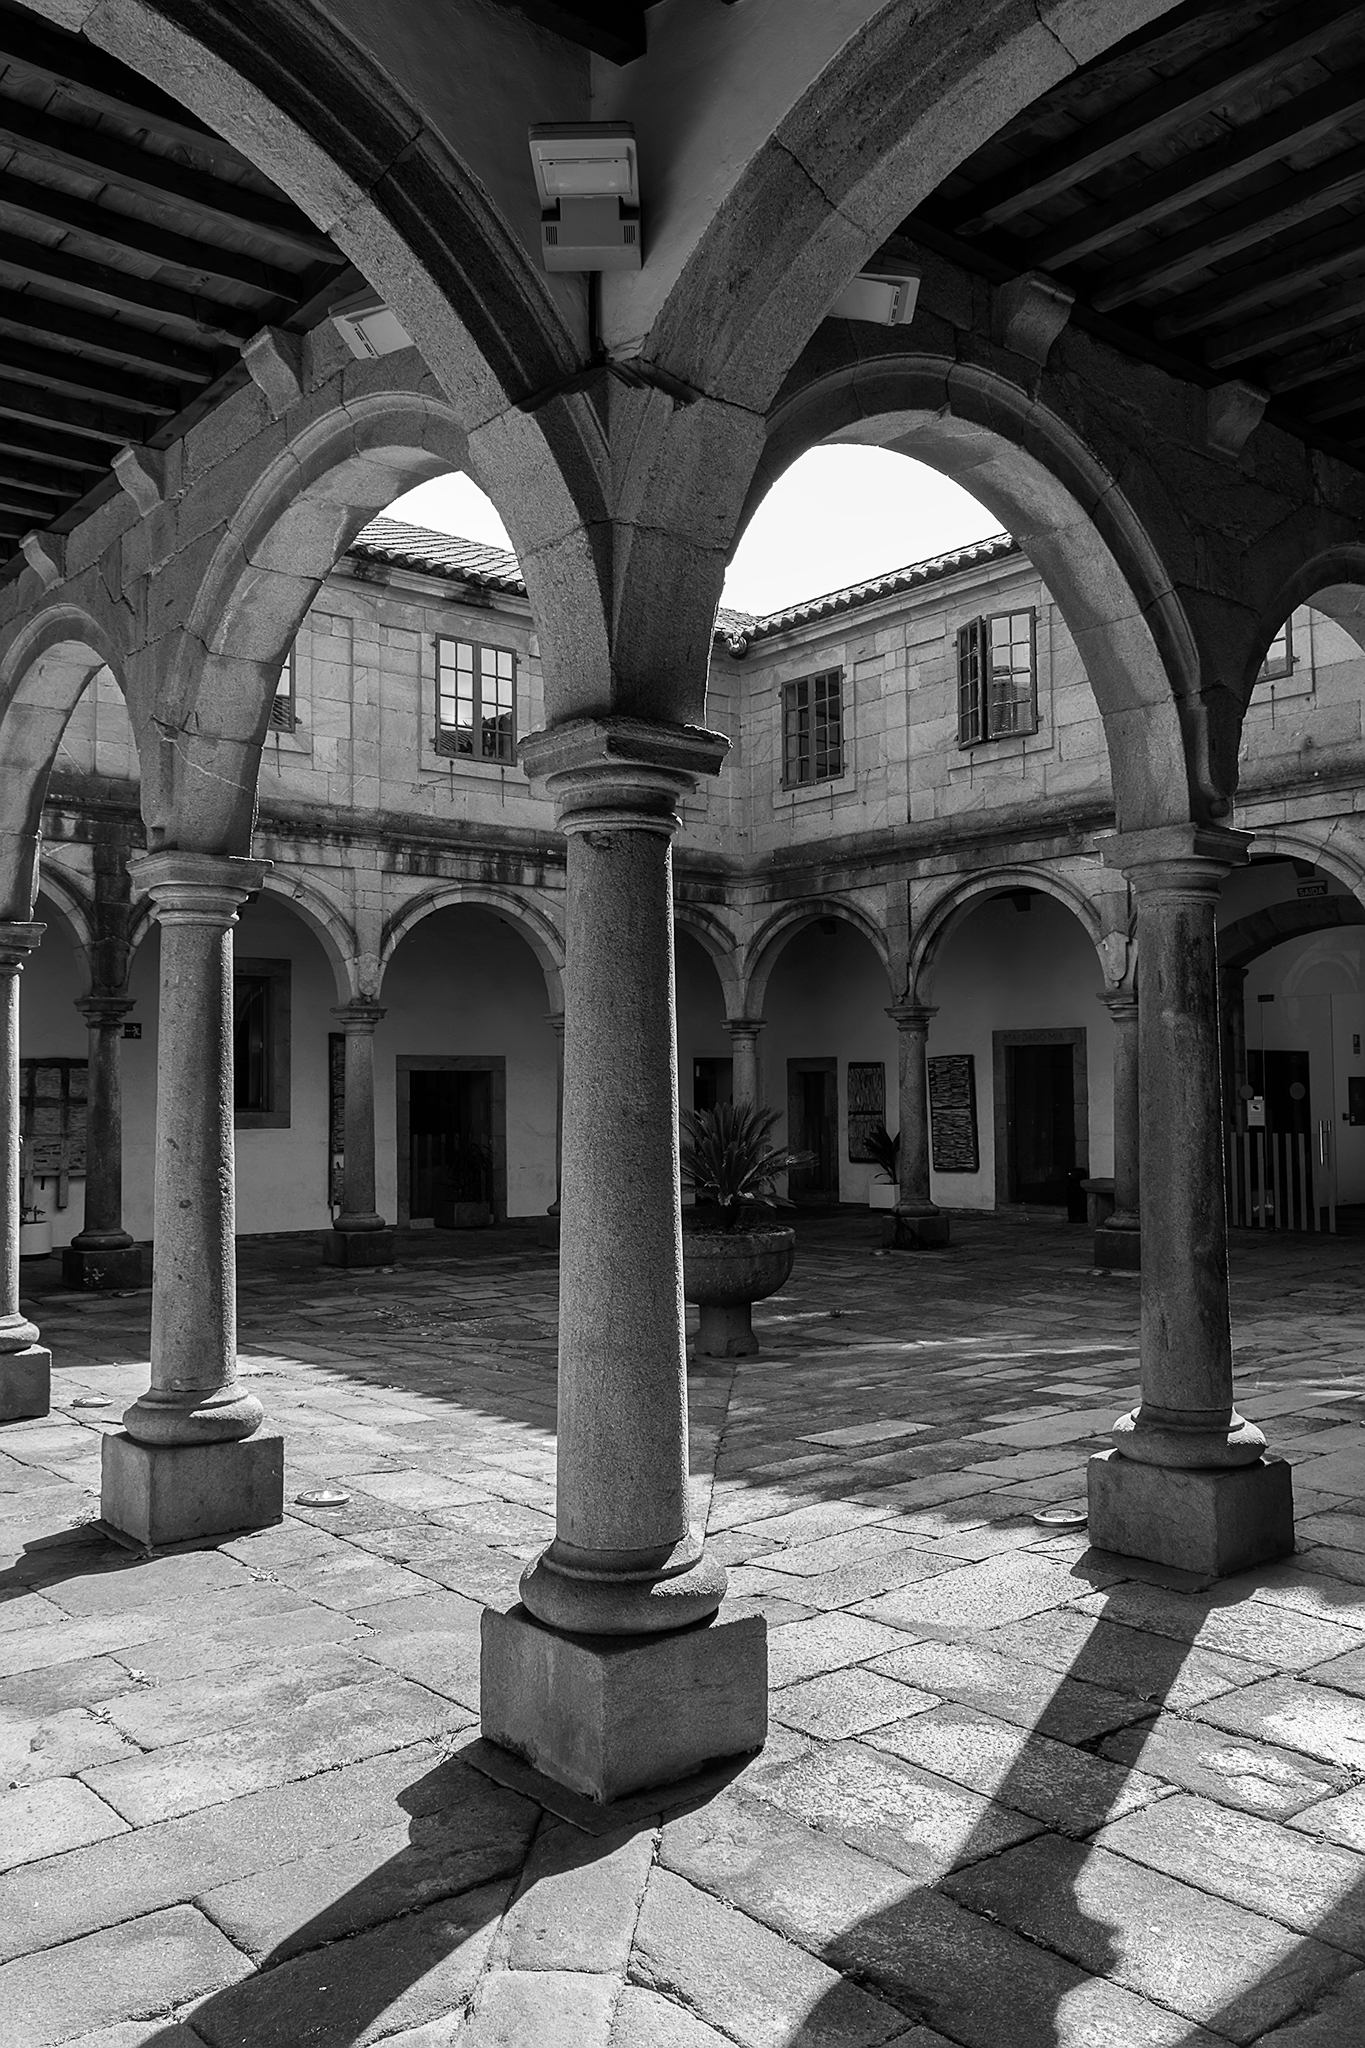 El Antiguo Hospital de San Roque, edificio originario del siglo XVI y transformado en el XVIII, fue levantado en el año 1578 entre la rúa das Rodas y la rúa de San Roque.</br></br>Fundado con la finalidad de atender a los enfermos que contraían las epidemias de peste que arrasaron la ciudad (S. XVI) fue construido en advocación a San Roque, santo elegido para proteger de dicha enfermedad. Su estructura cuenta con planta rectangular y un claustro de dos galerías en las que se disponen arcos de medio punto sobre columnas dóricas.</br></br>En el año 2000 este antiguo hospital fue sometido a una gran restauración y acondicionado con el objetivo de utilizarlo para el desarrollo de actividades culturales.